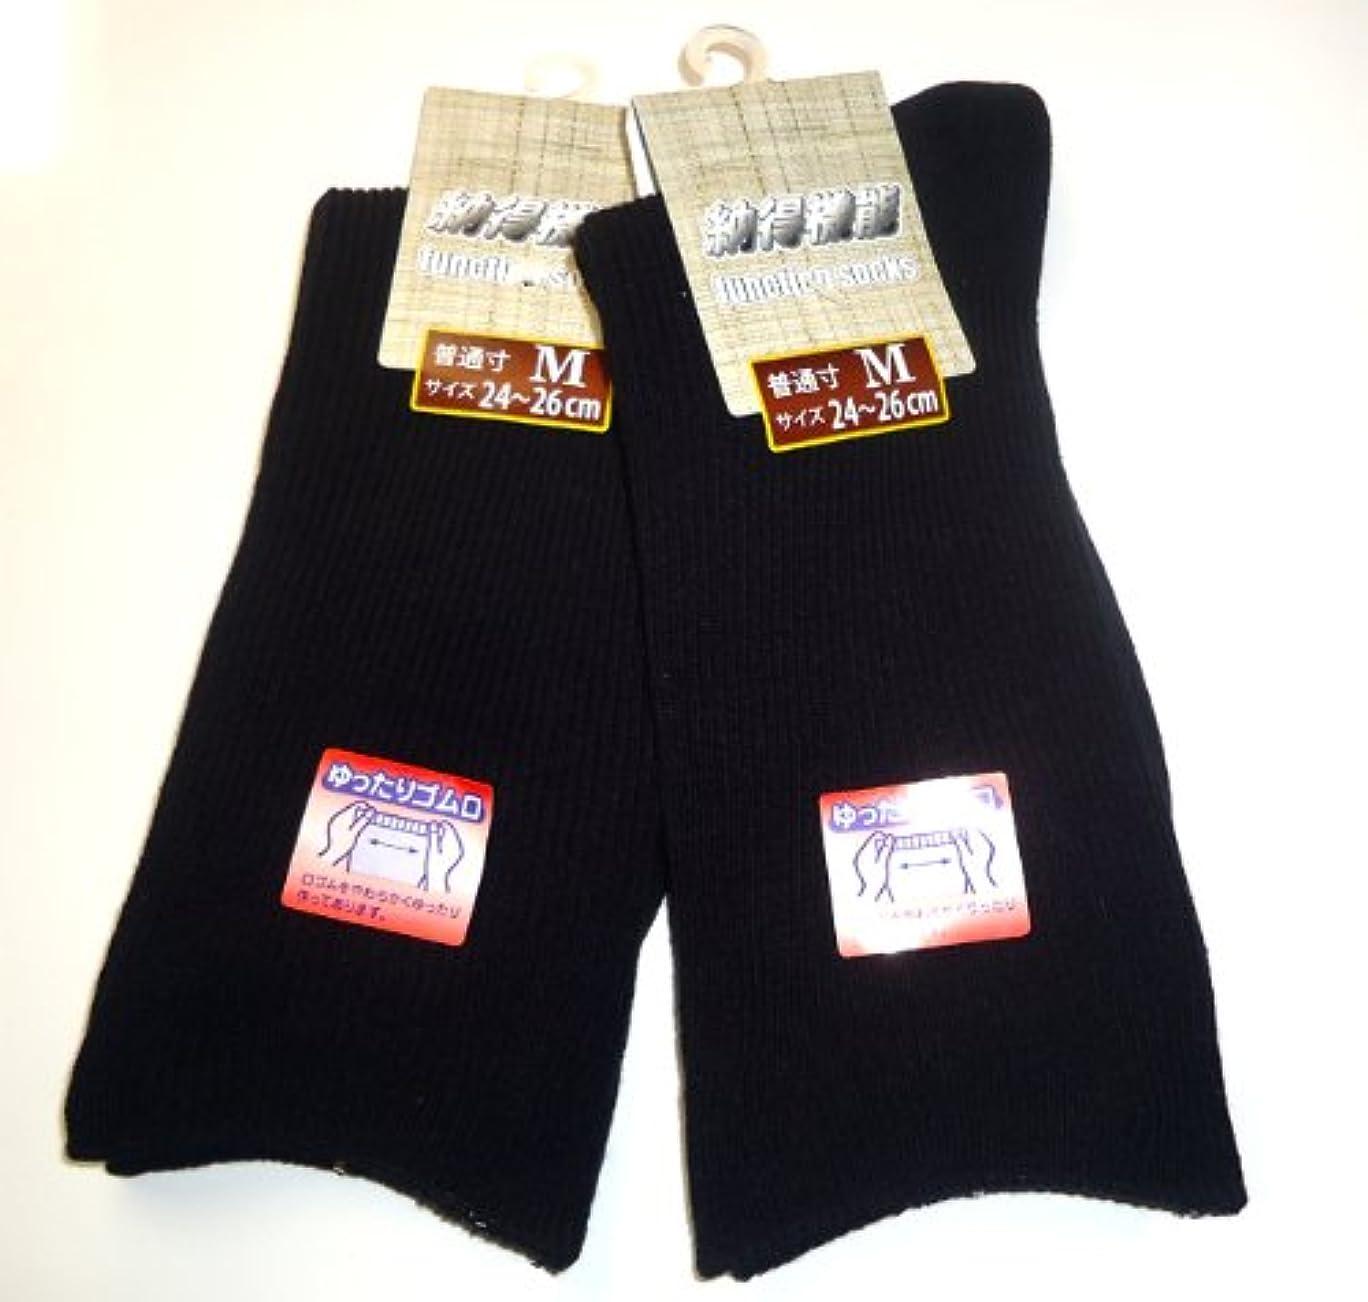 ワイヤー発生するいくつかの日本製 靴下 メンズ 口ゴムなし ゆったり靴下 24-26cm 2足組 (紺色)